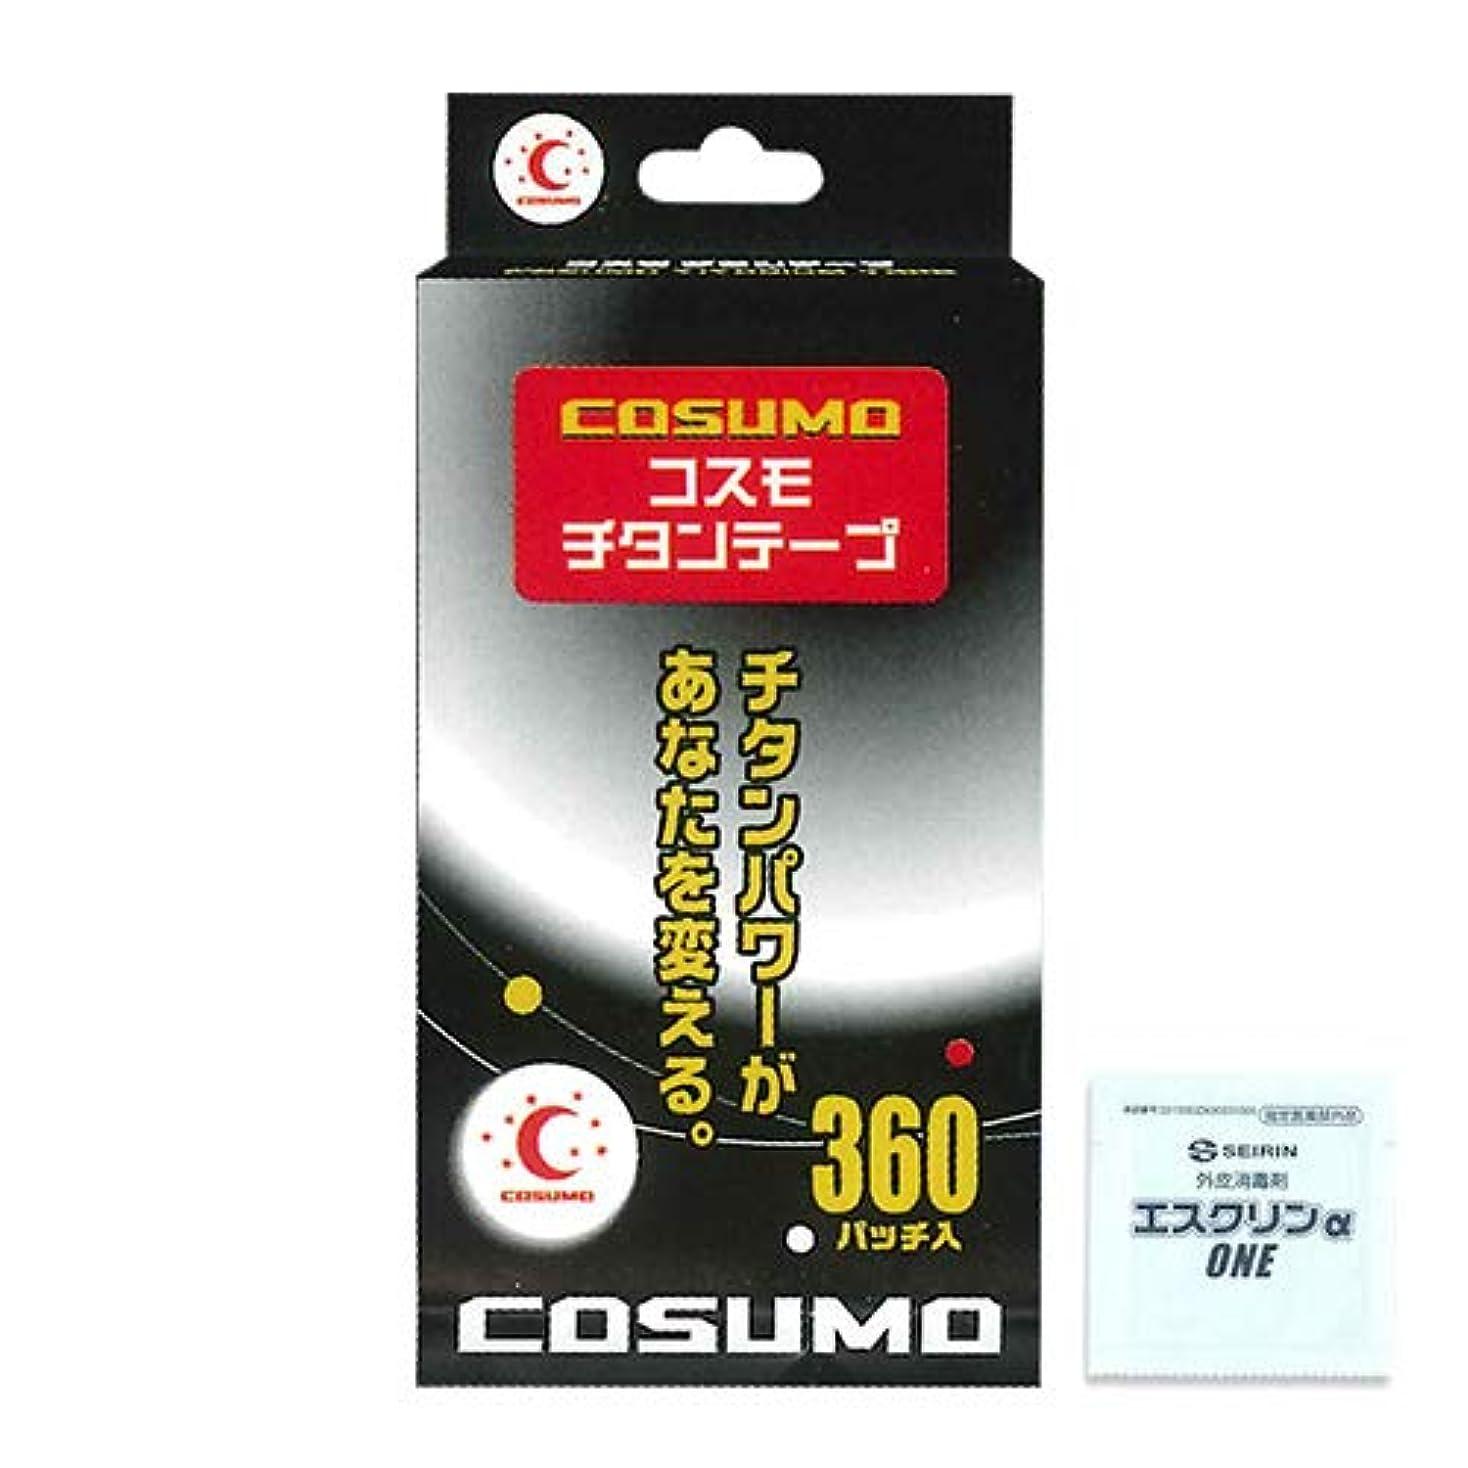 章帝国主義一瞬日進医療器:コスモチタンテープ 360パッチ入×10個セット + エスクリンONE1包セット